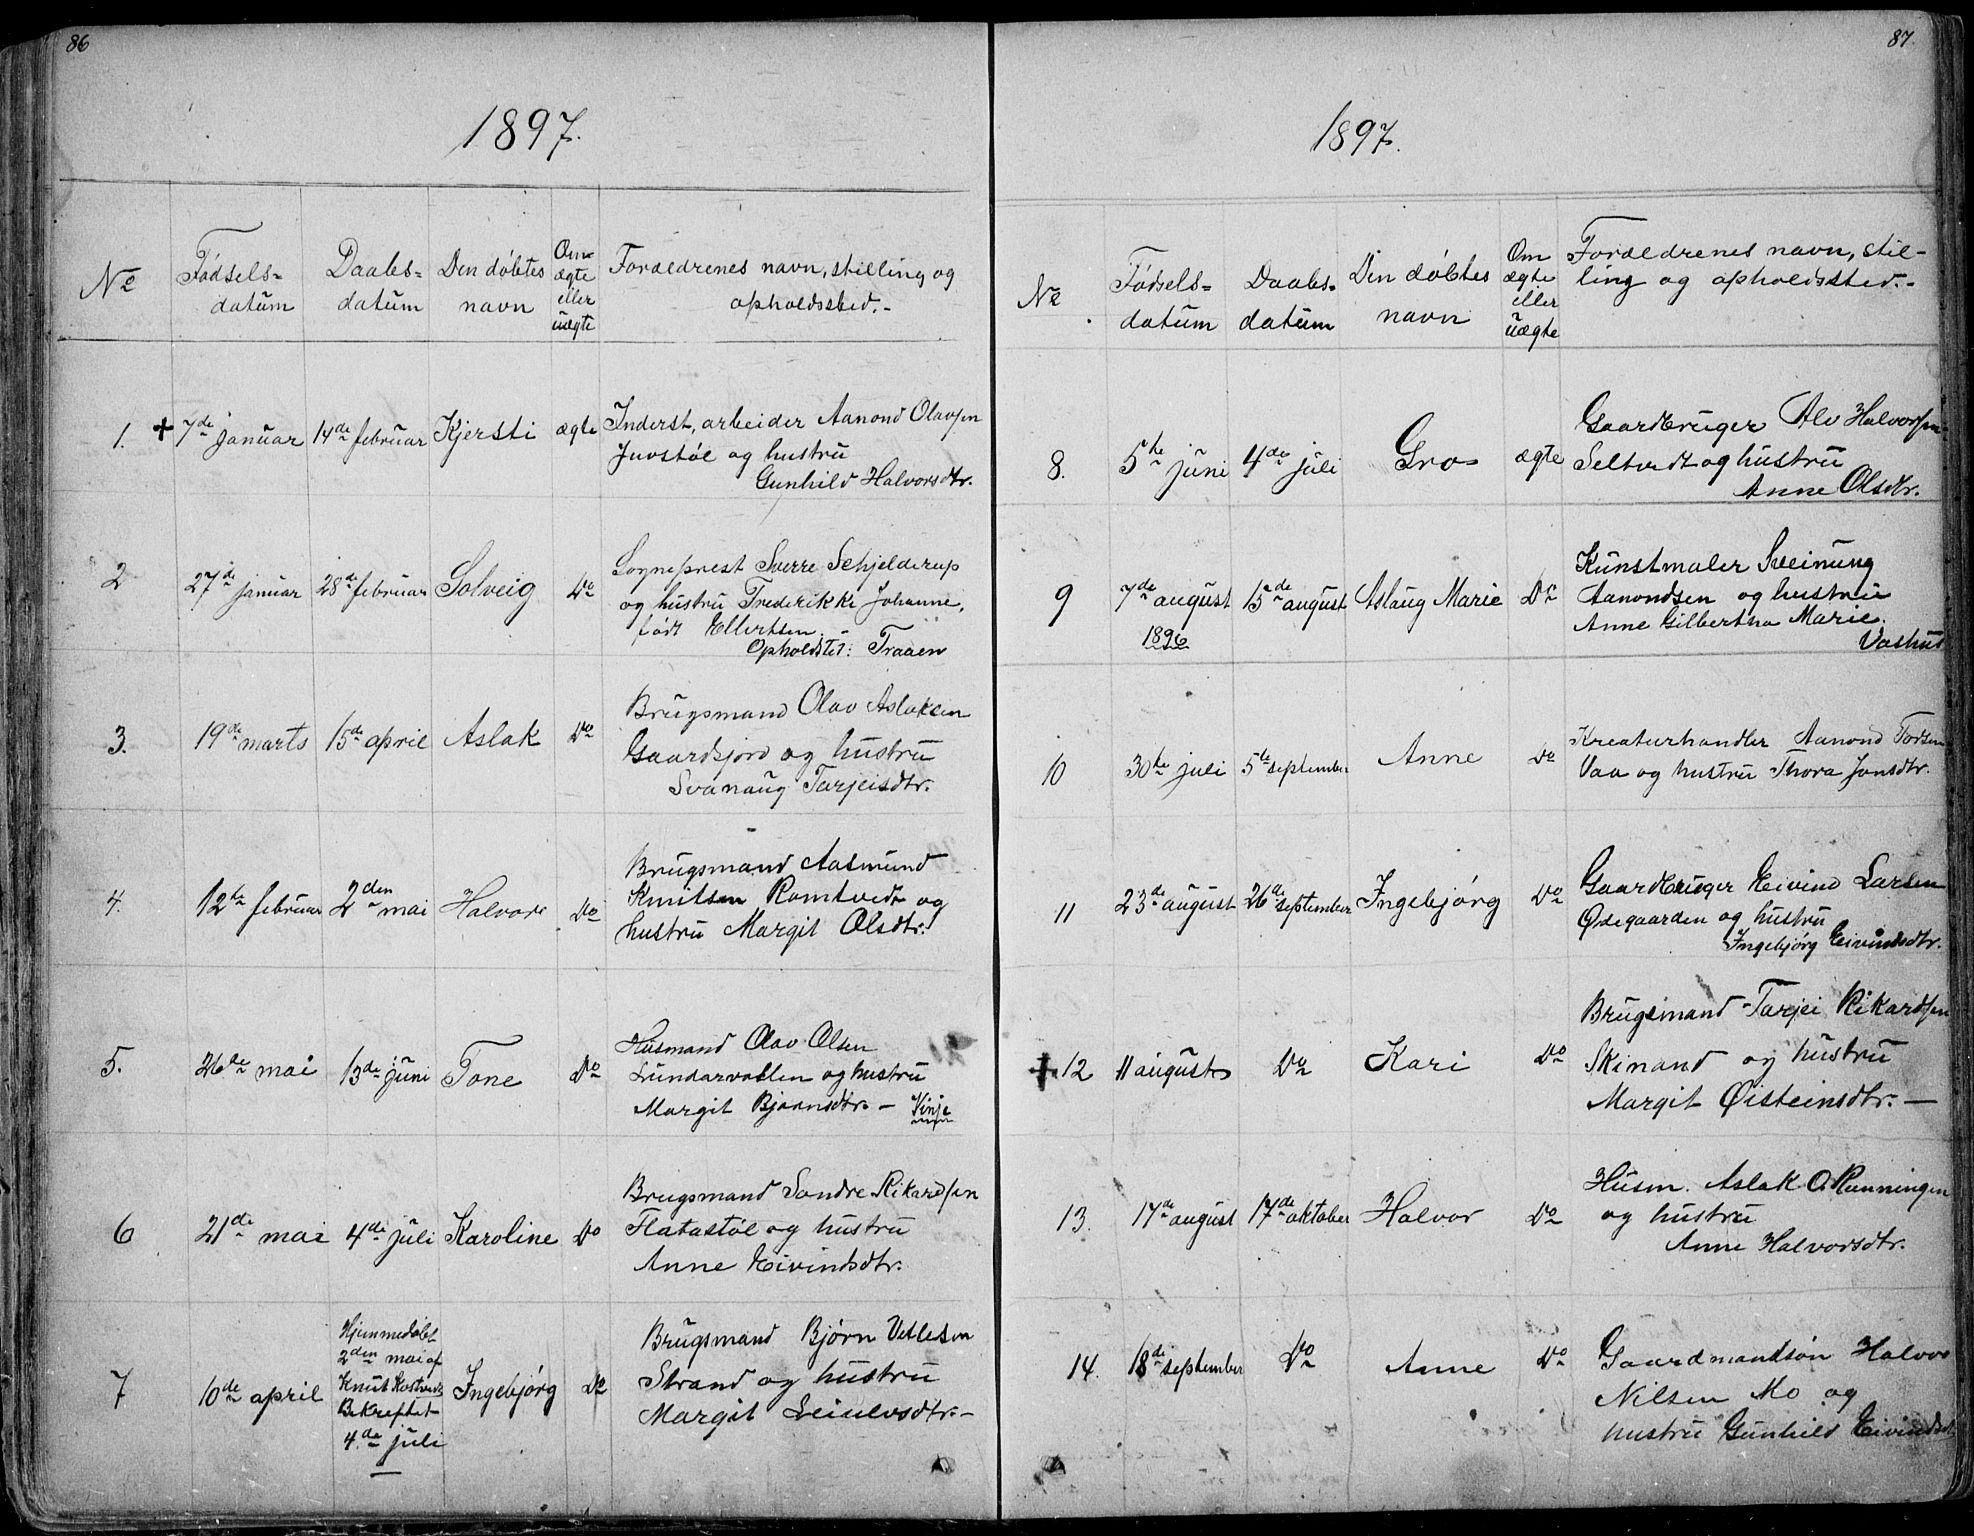 SAKO, Rauland kirkebøker, G/Ga/L0002: Klokkerbok nr. I 2, 1849-1935, s. 86-87